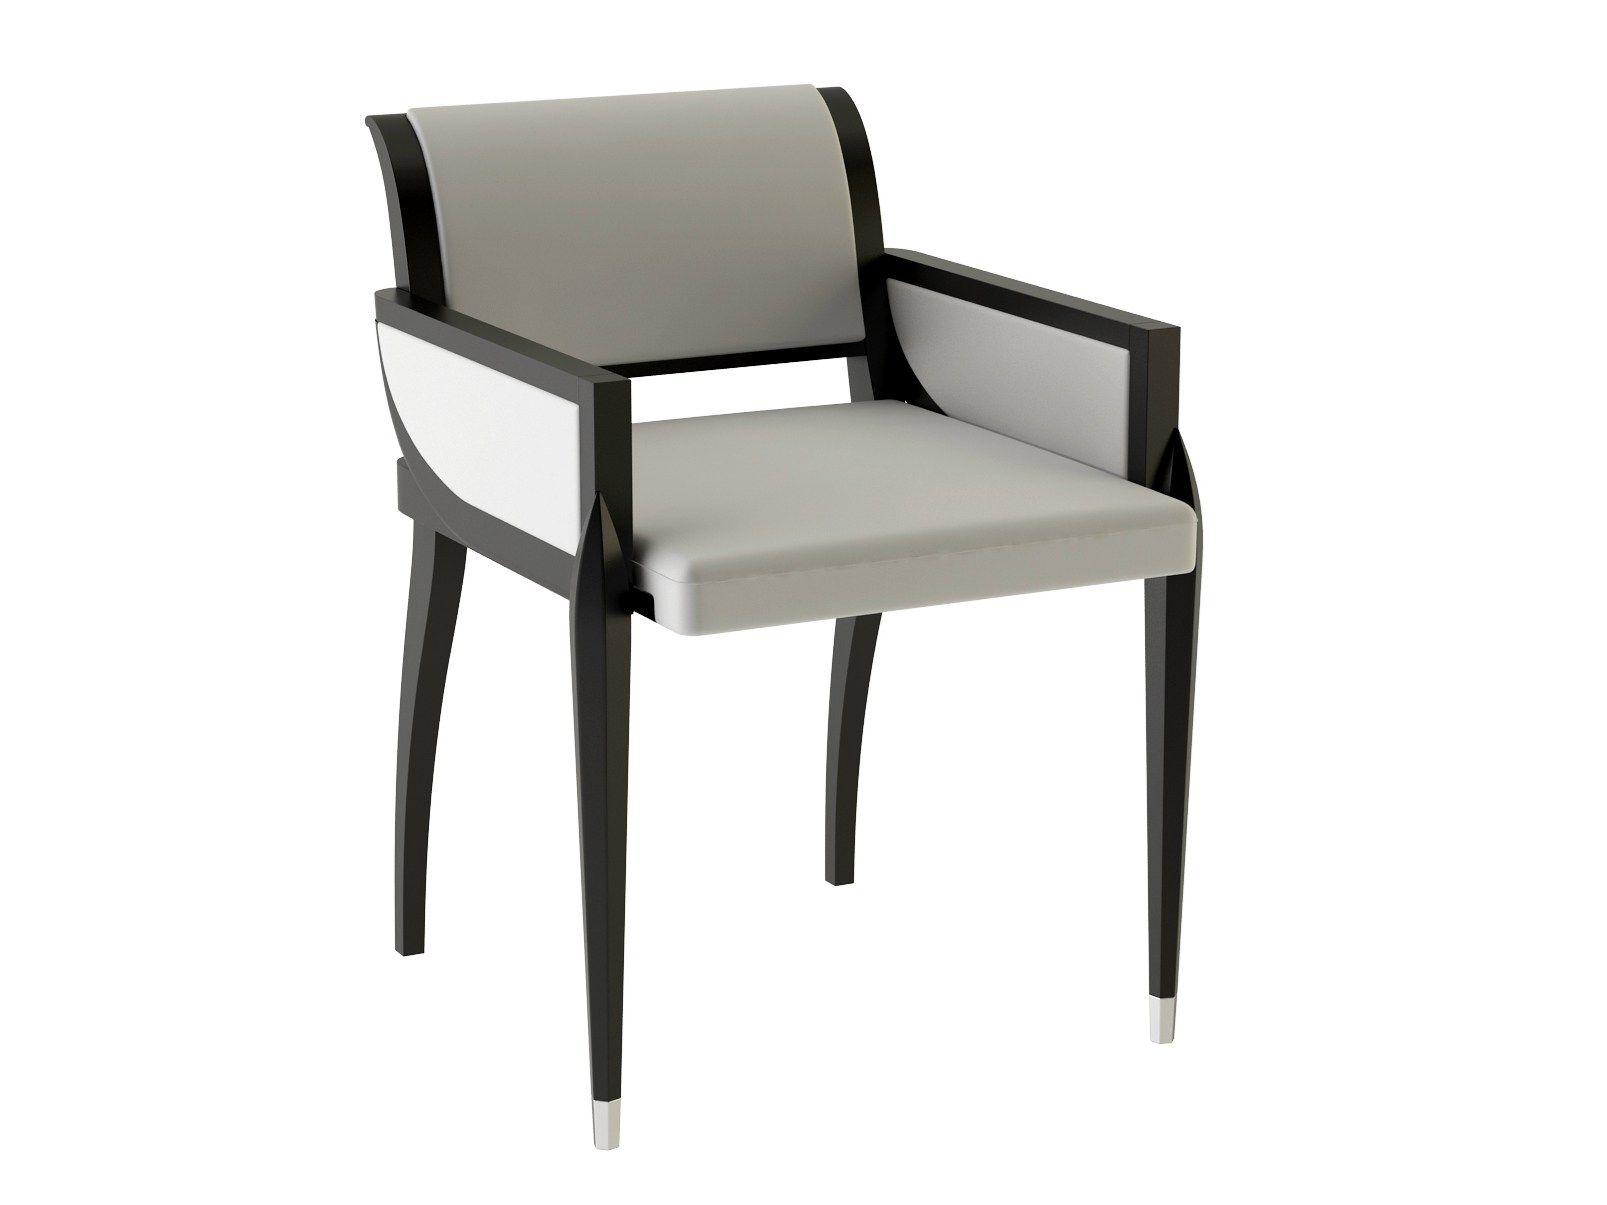 Applique salle de bain art deco - Petits fauteuils design ...